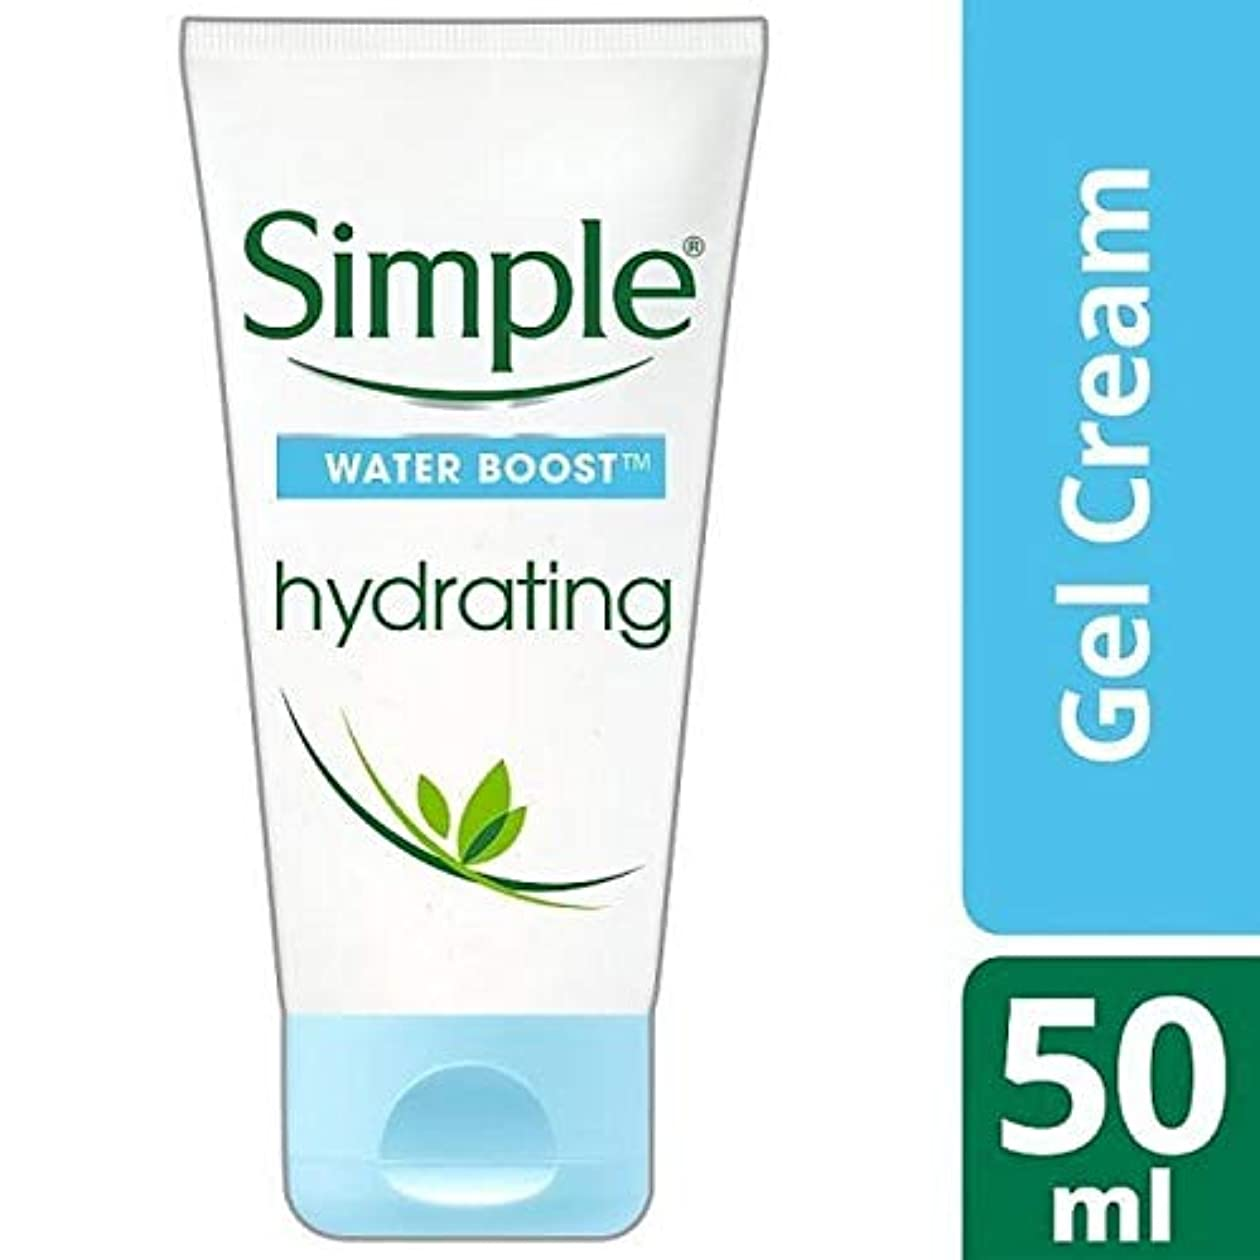 終点あごひげ言い訳[Simple ] シンプルな水ブースト水和ゲルフェイスクリーム50Ml - Simple Water Boost Hydrating Gel Face Cream 50ml [並行輸入品]